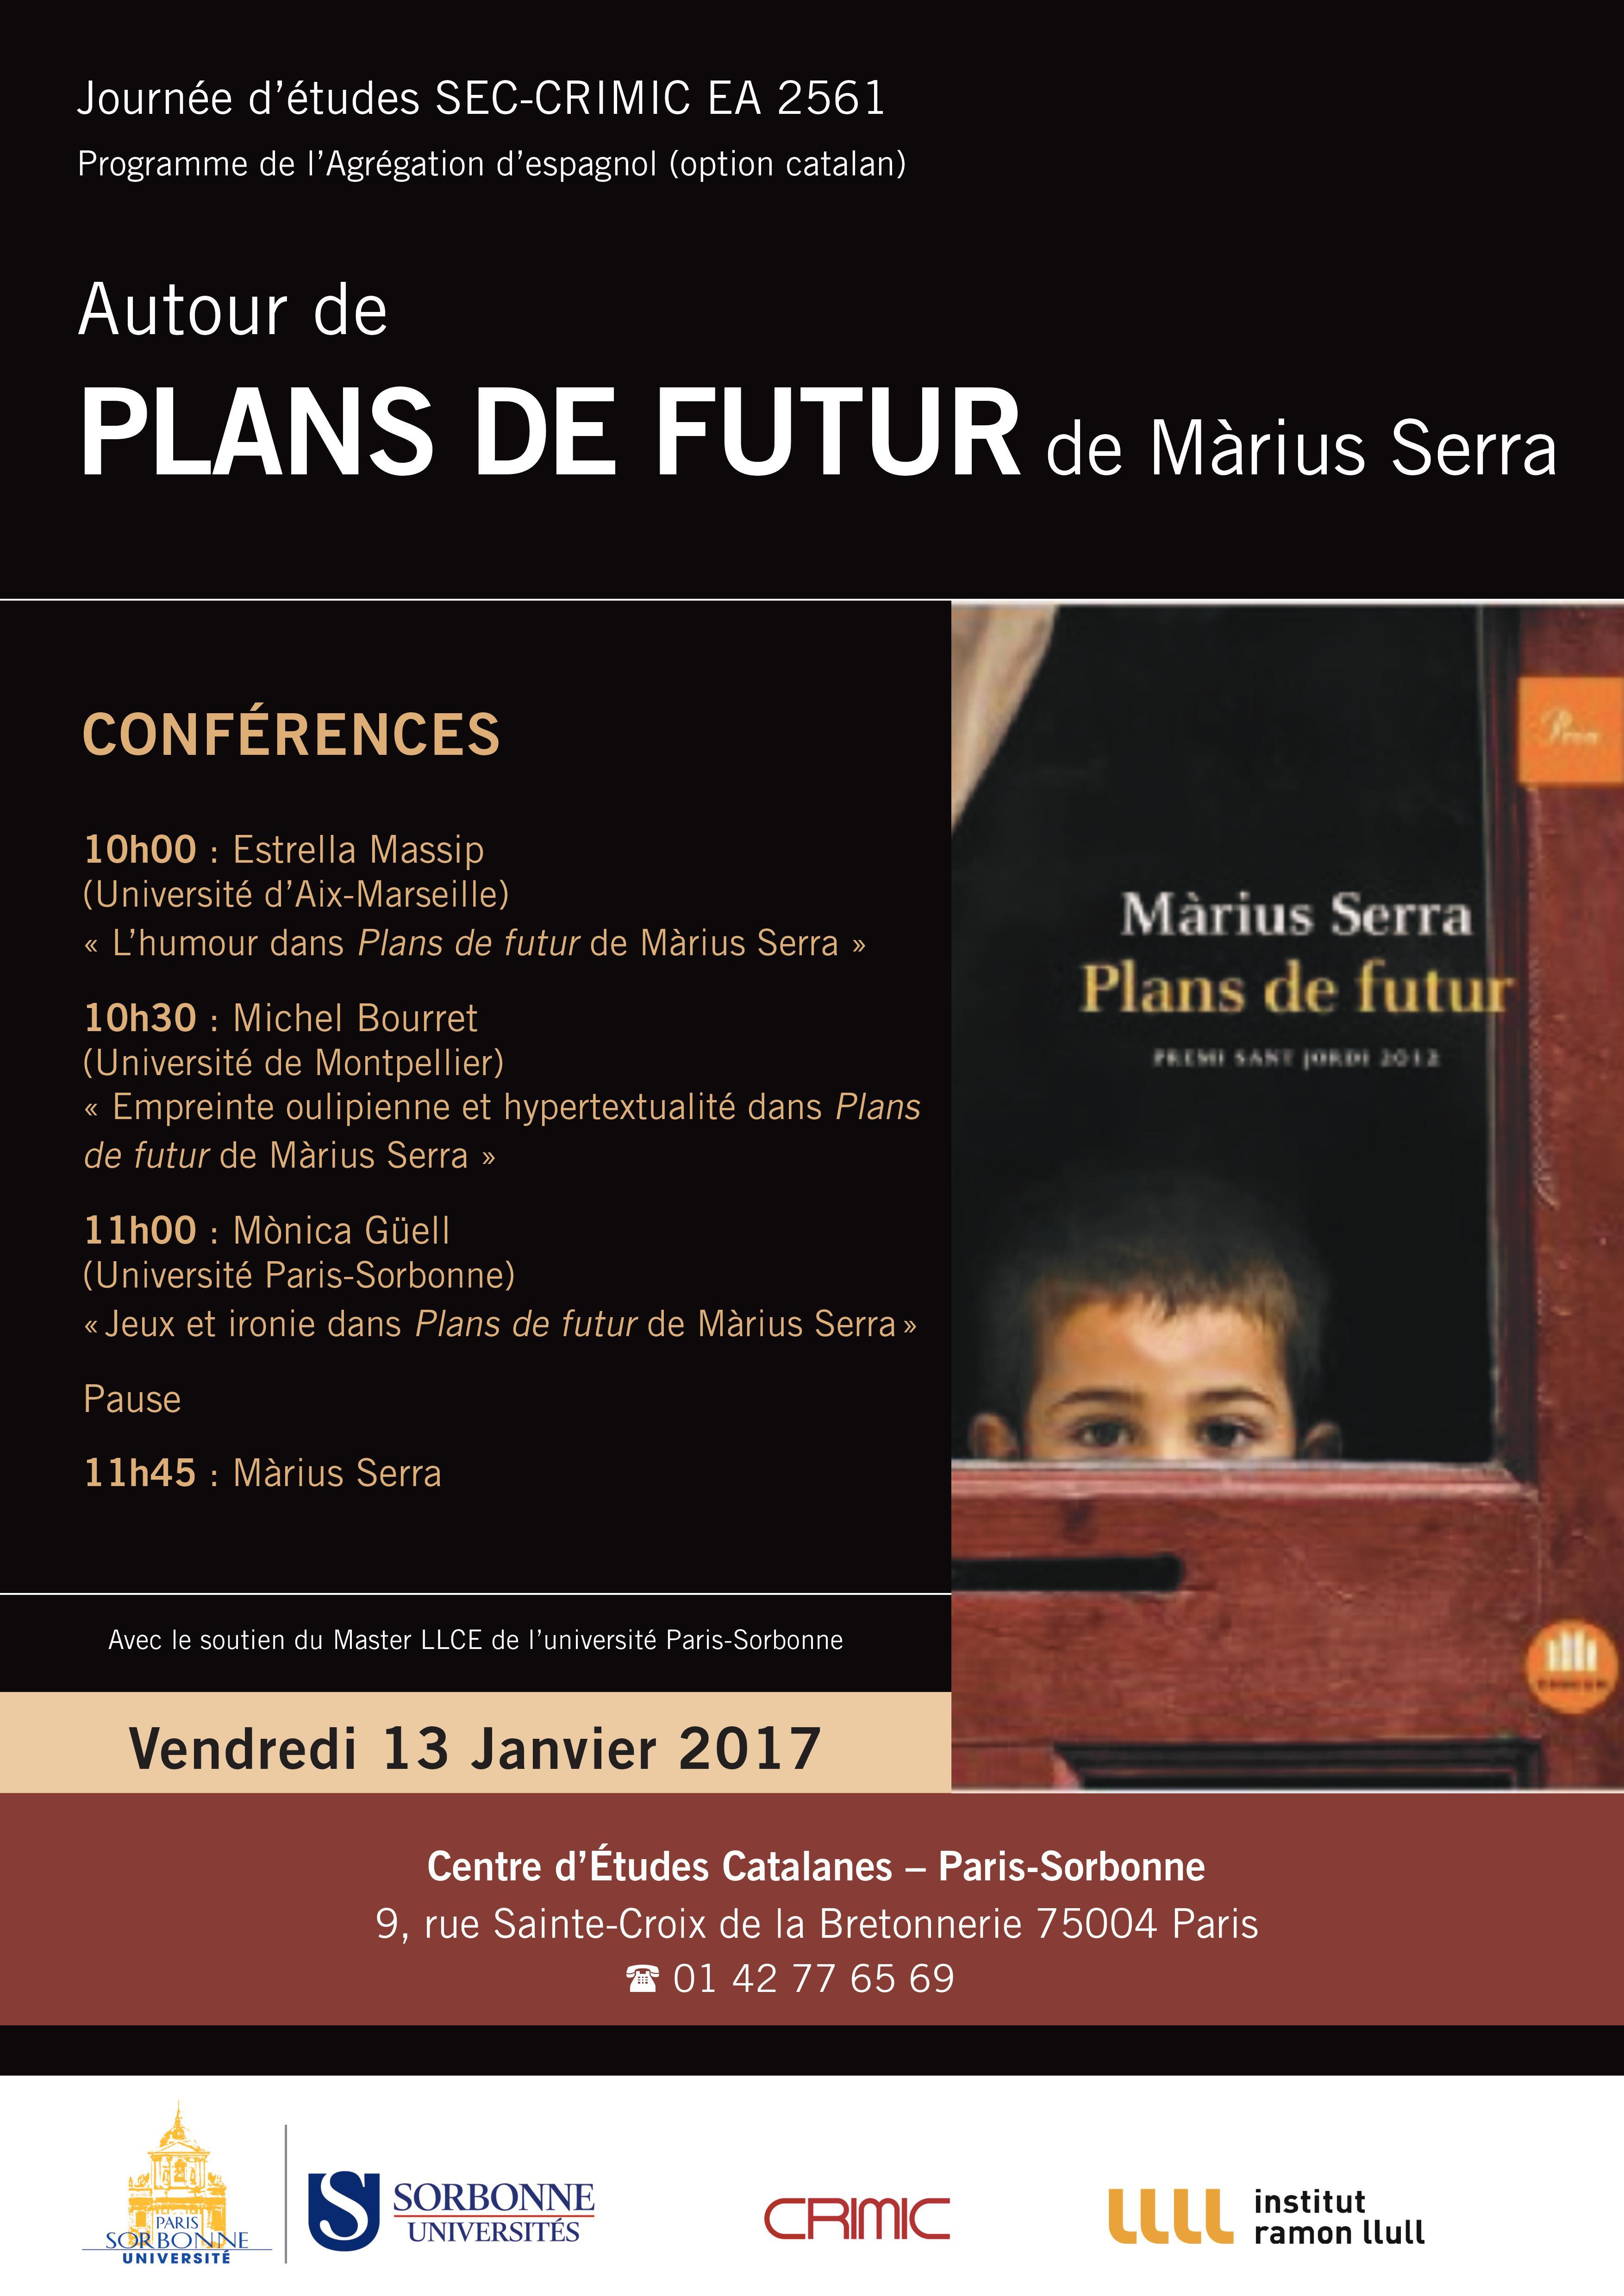 Autour de Plans de futur, de Màrius Serra